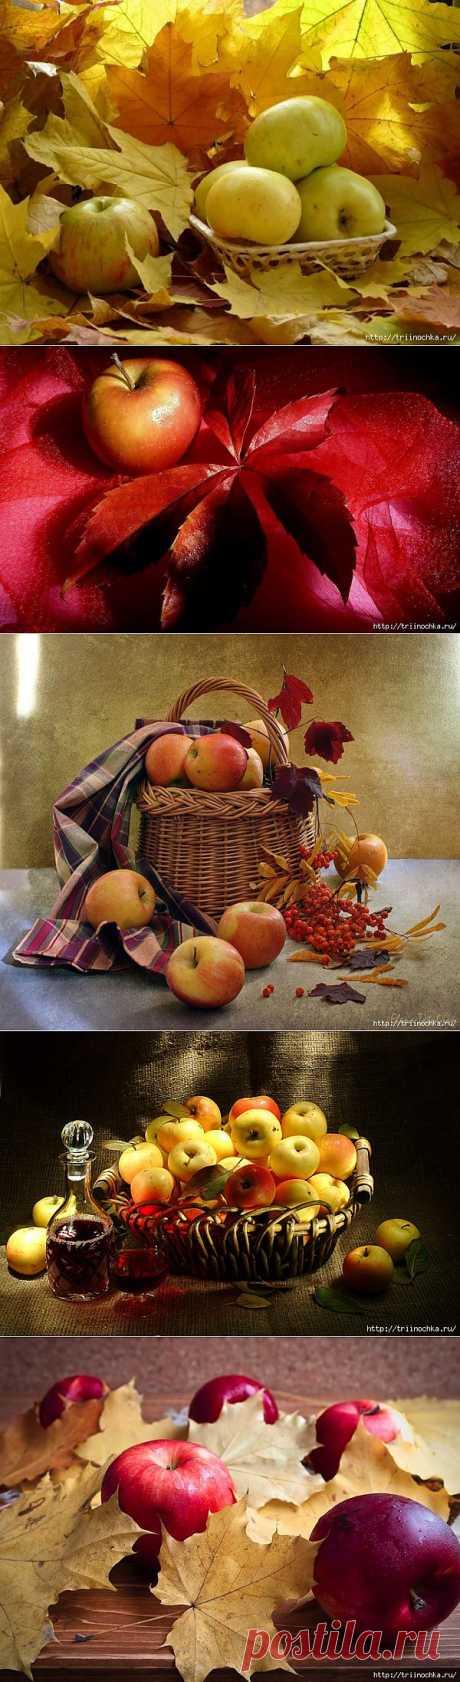 Натюрморты с осенними яблоками.